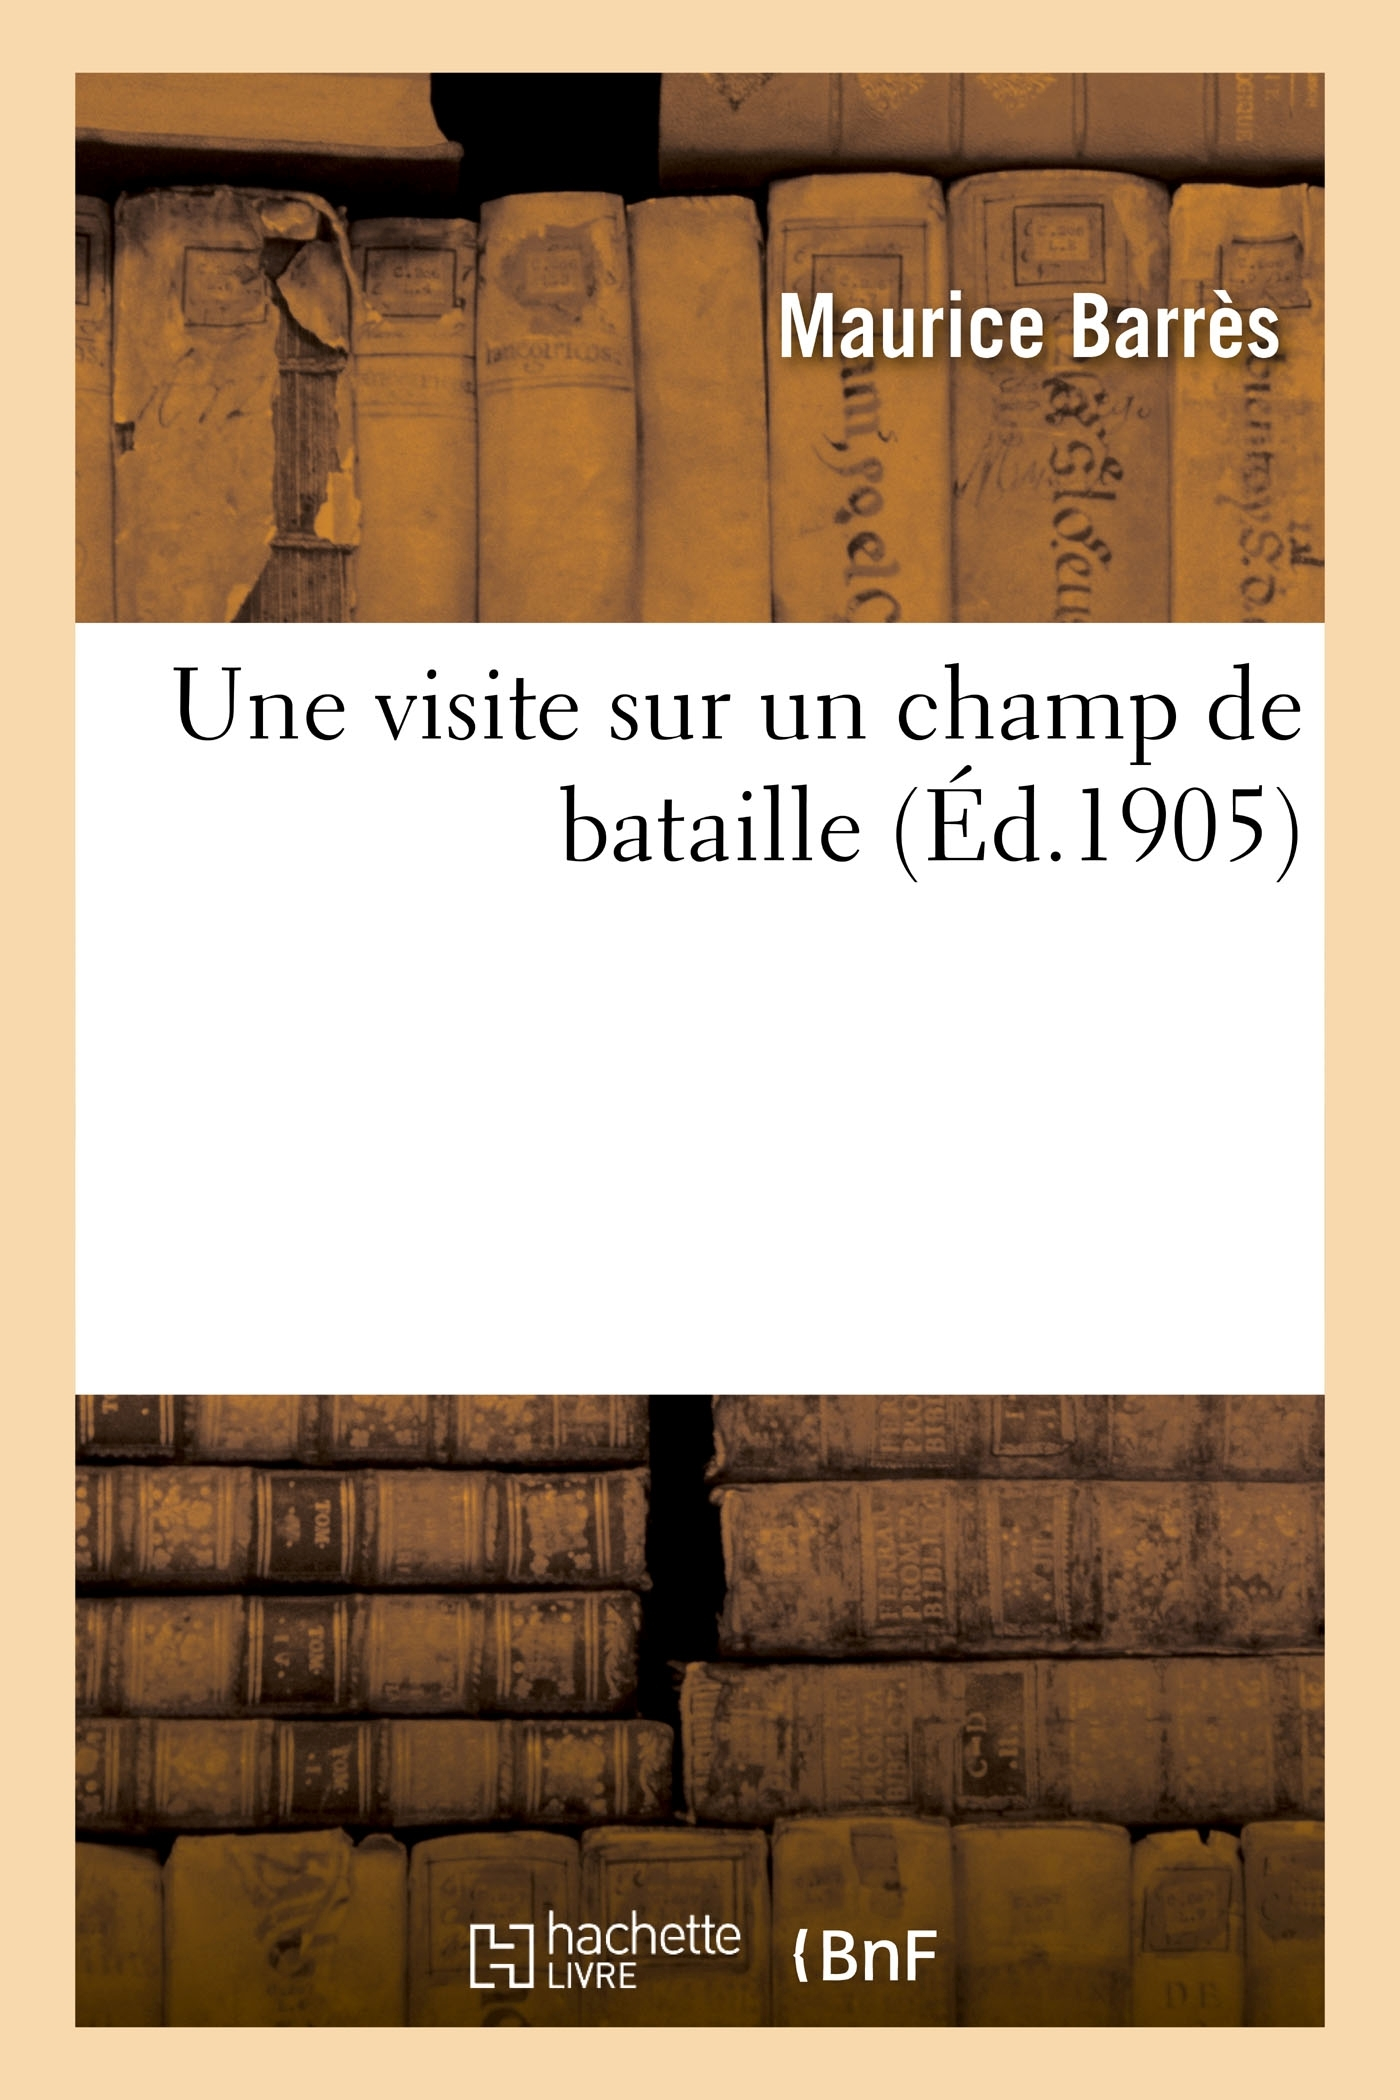 UNE VISITE SUR UN CHAMP DE BATAILLE